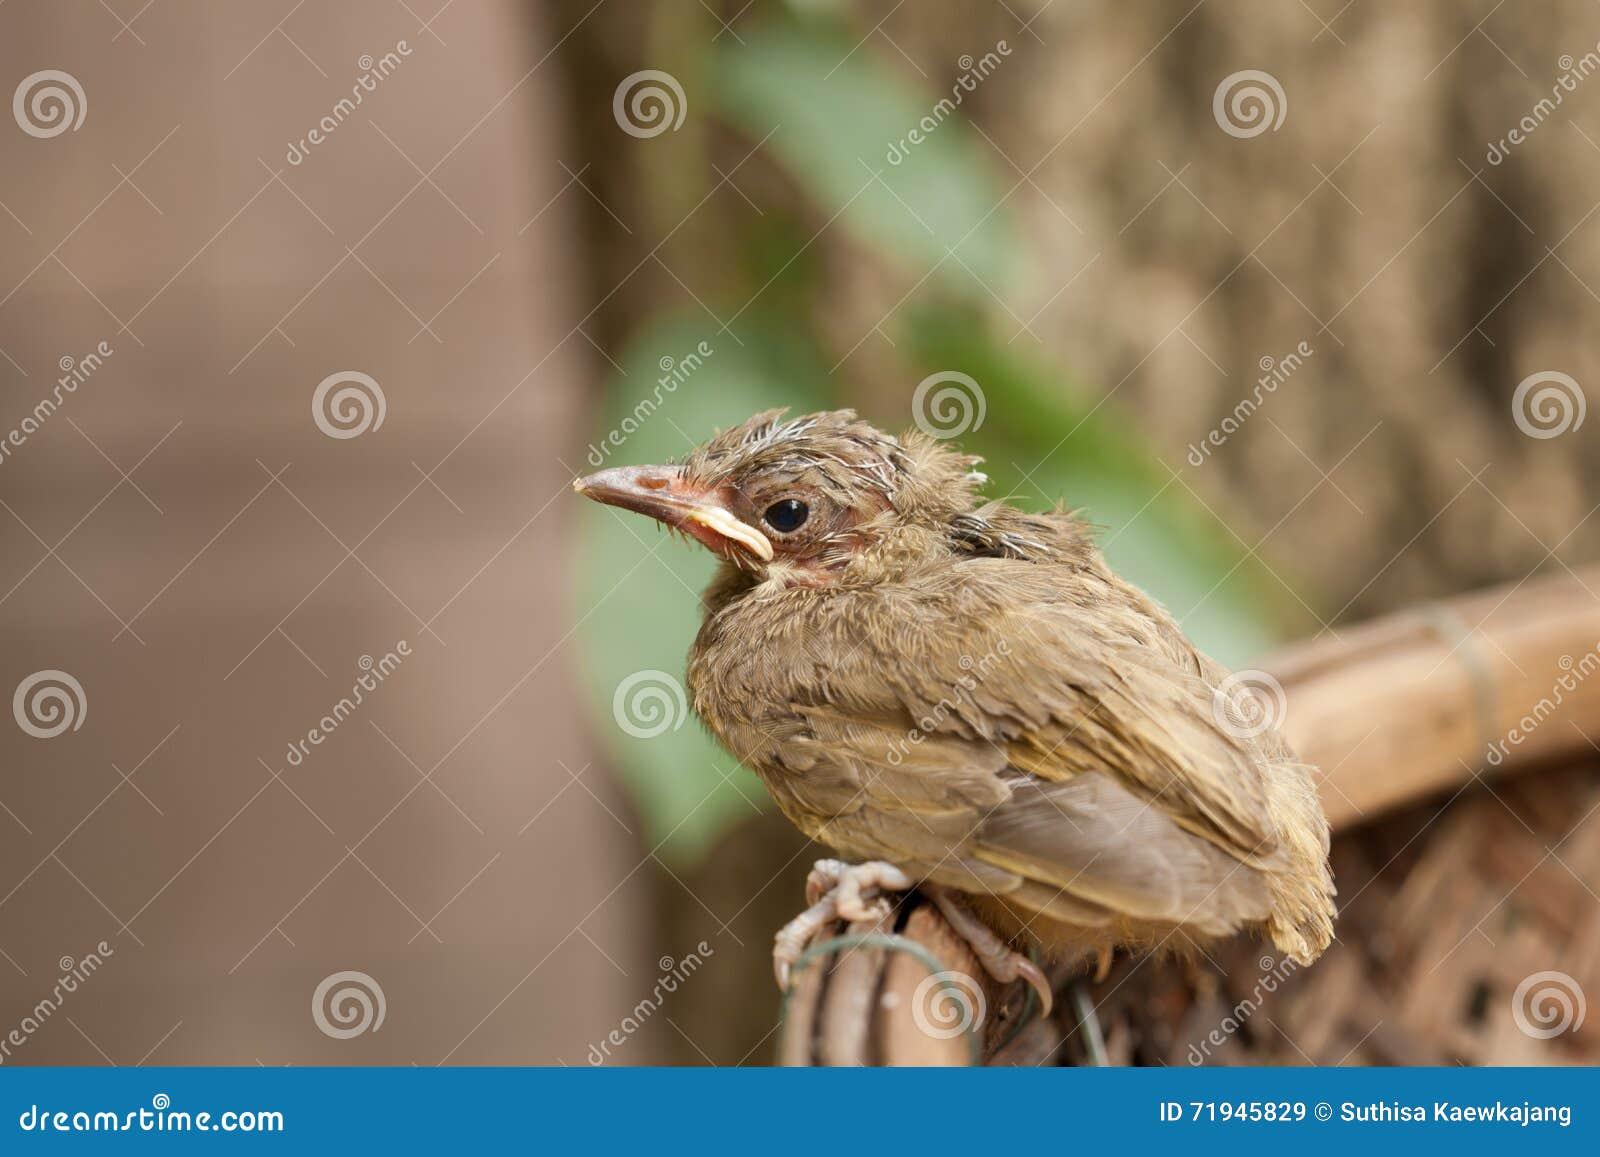 Птица младенца падает от дерева